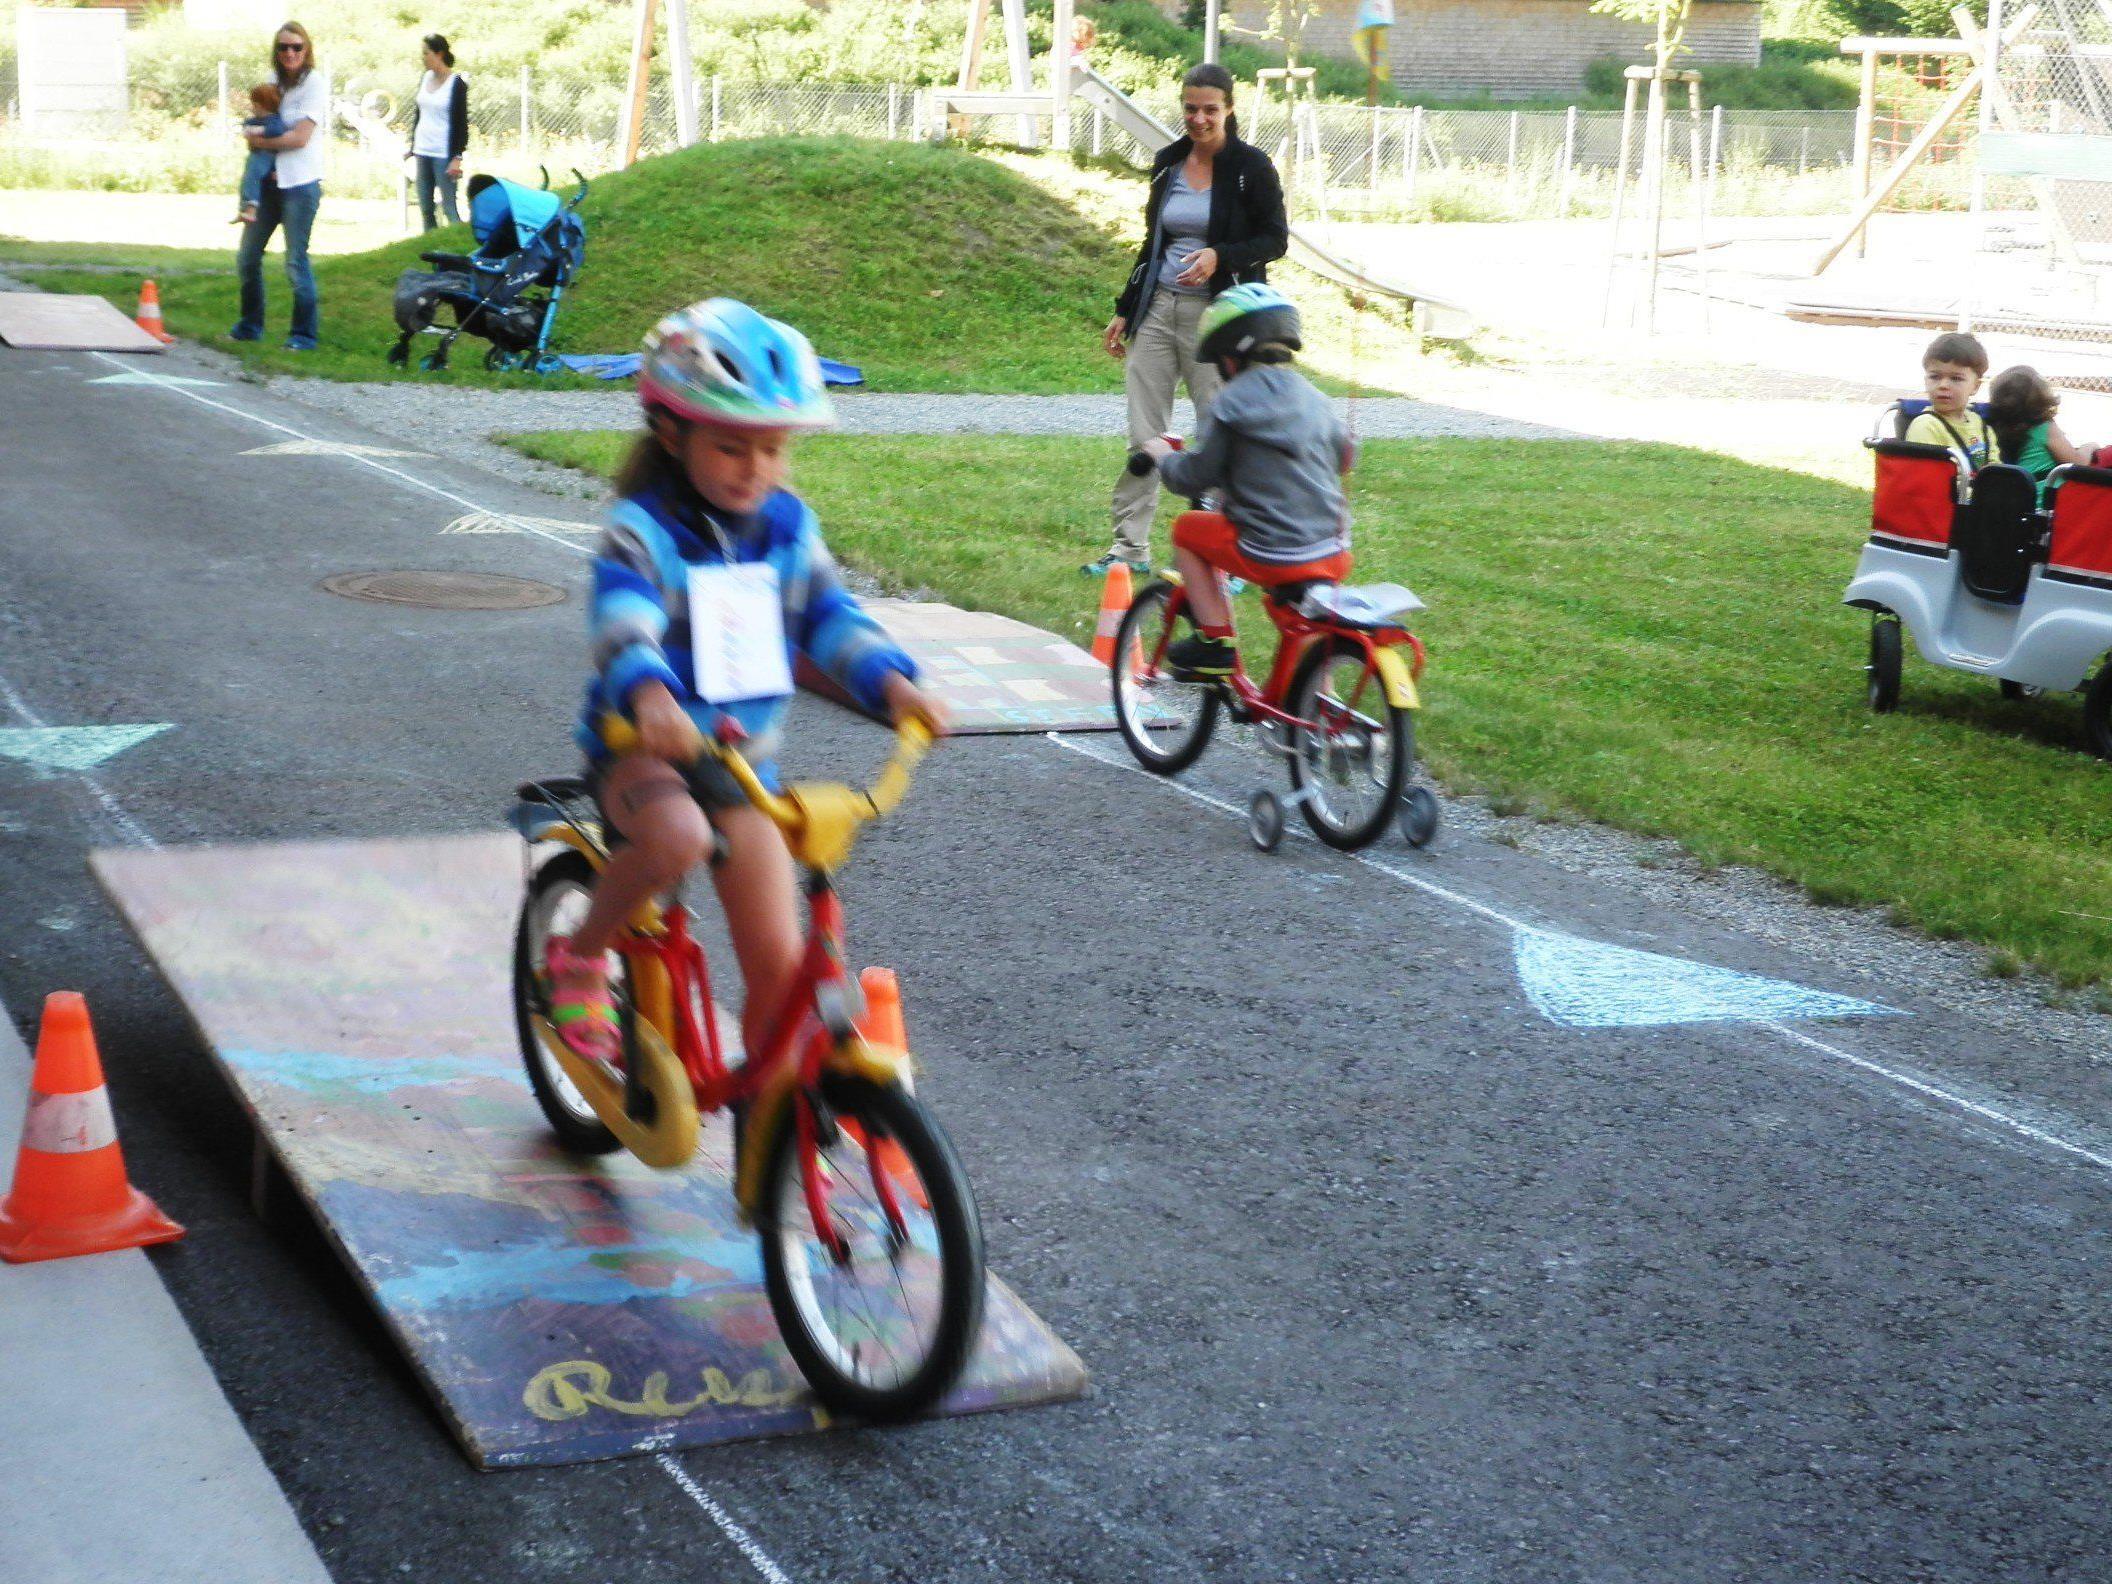 Beim Rad-Helm-Spiele-Fest im KinderHaus Seepark in Lochau Süd stand das sichere Fahrradfahren im Mittelpunkt.